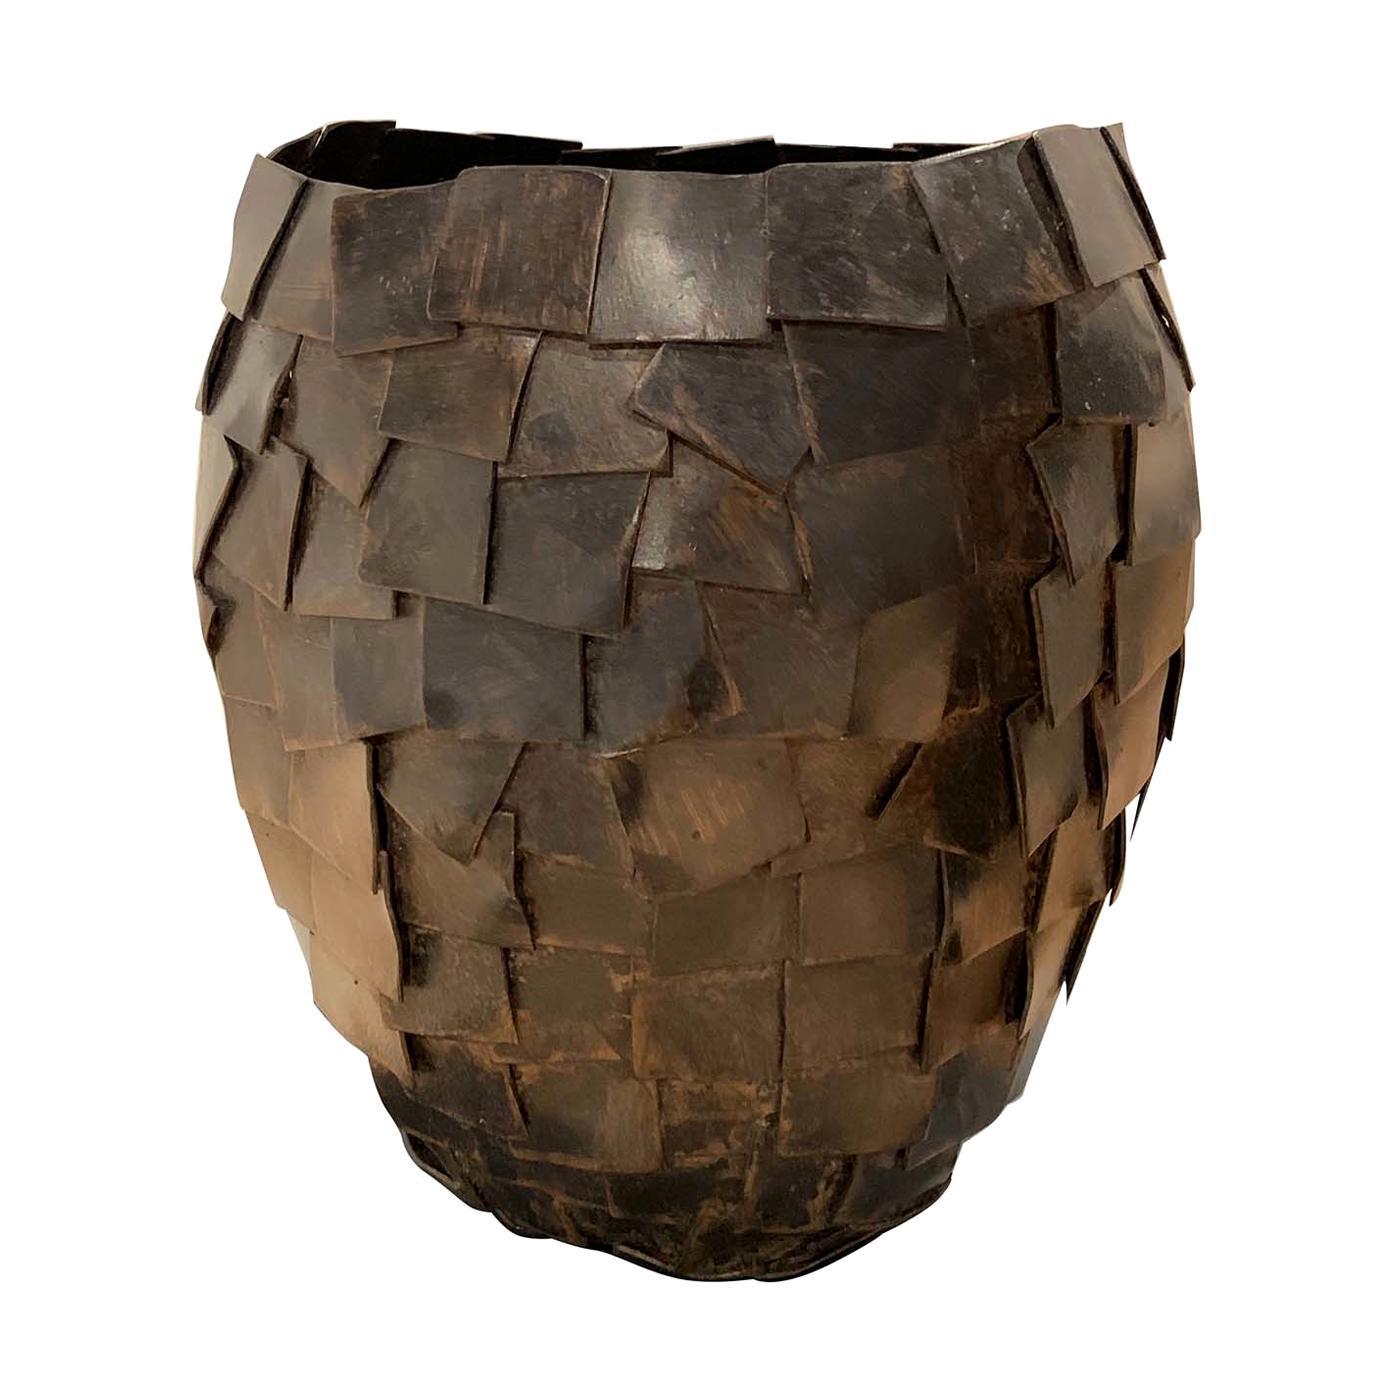 Cuoio Vase #1